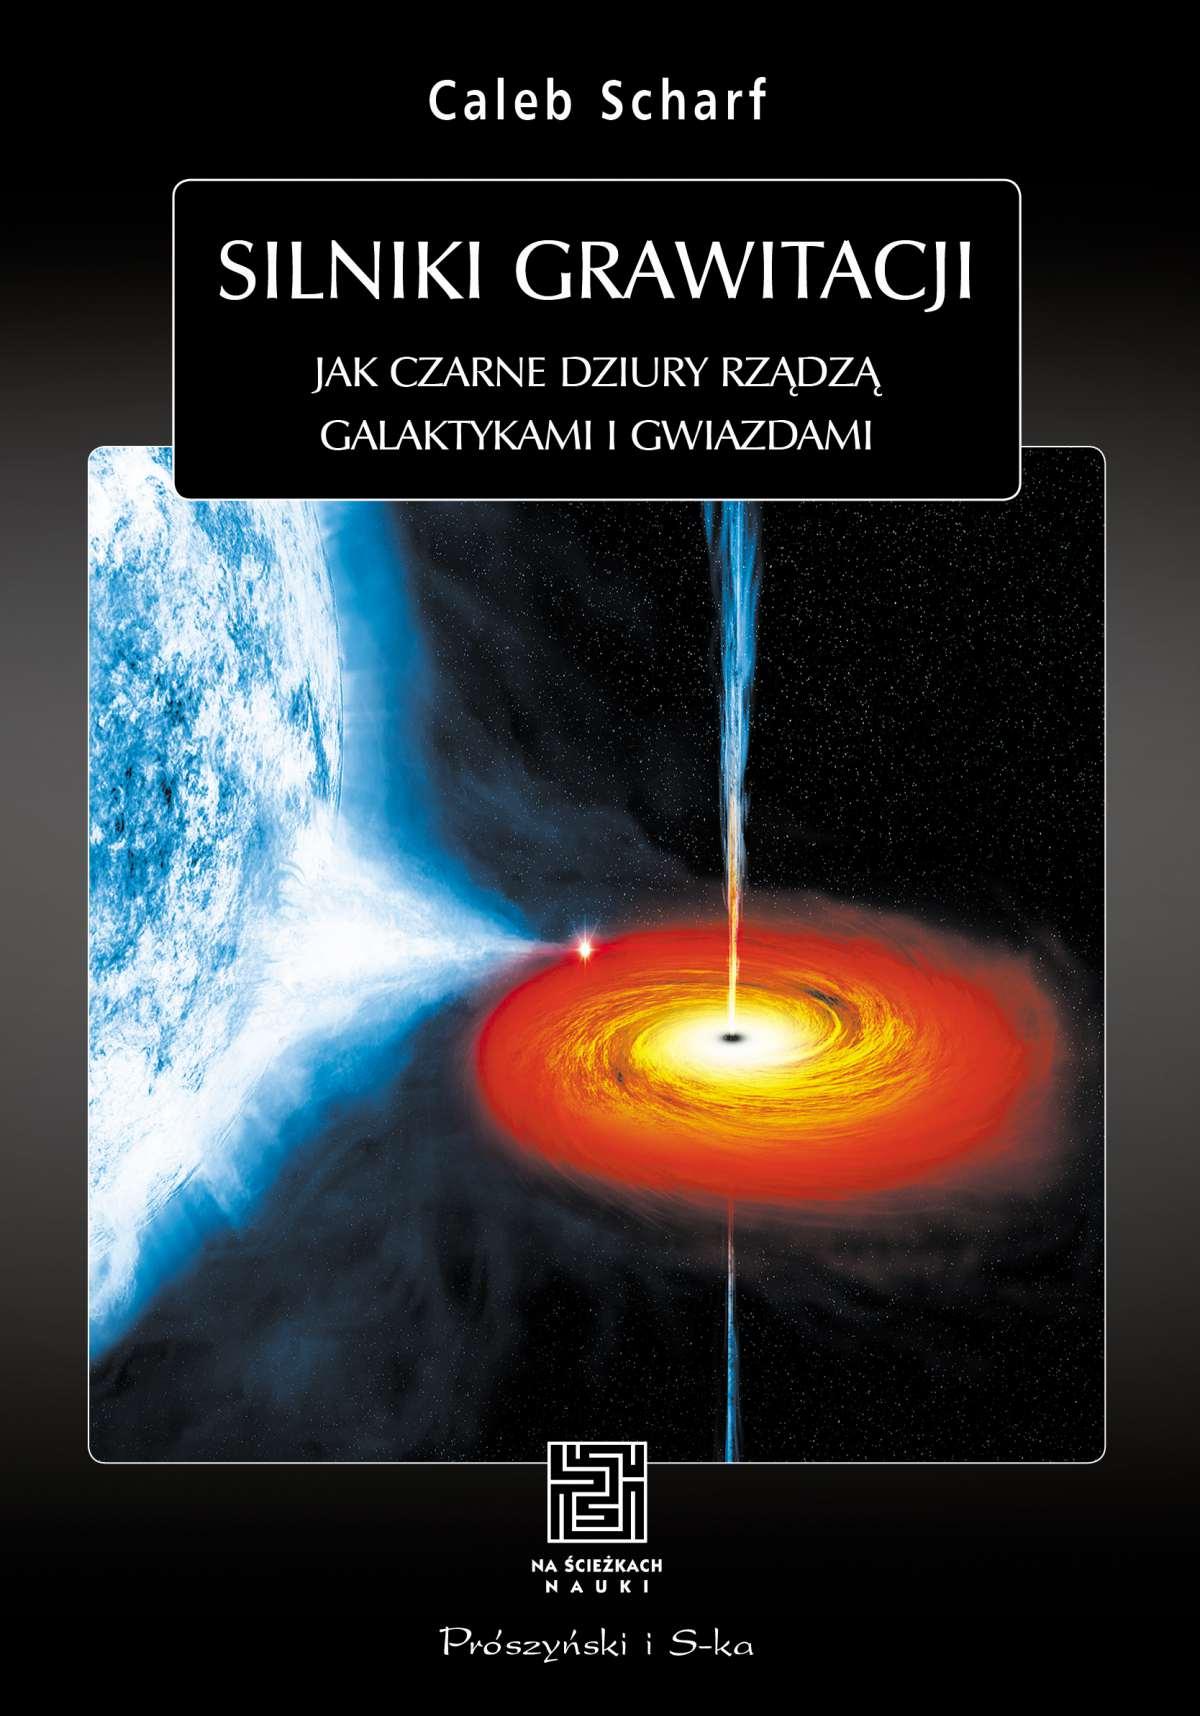 Silniki grawitacji - Ebook (Książka EPUB) do pobrania w formacie EPUB